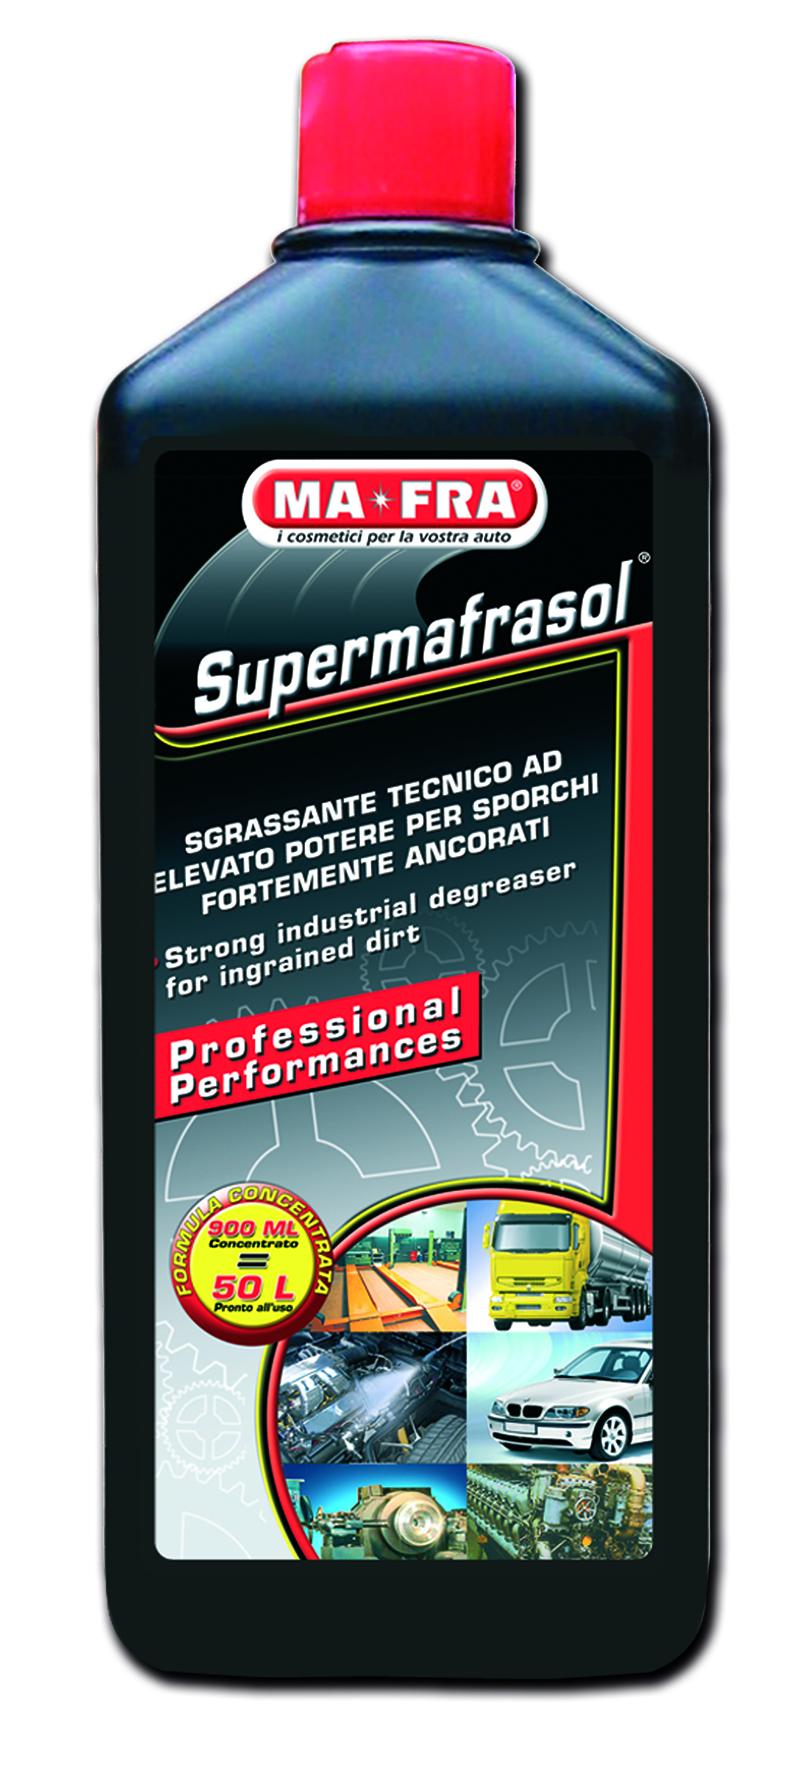 SUPERMAFRASOL 900 ml univerzální čistič - superkoncentrát MA-FRA